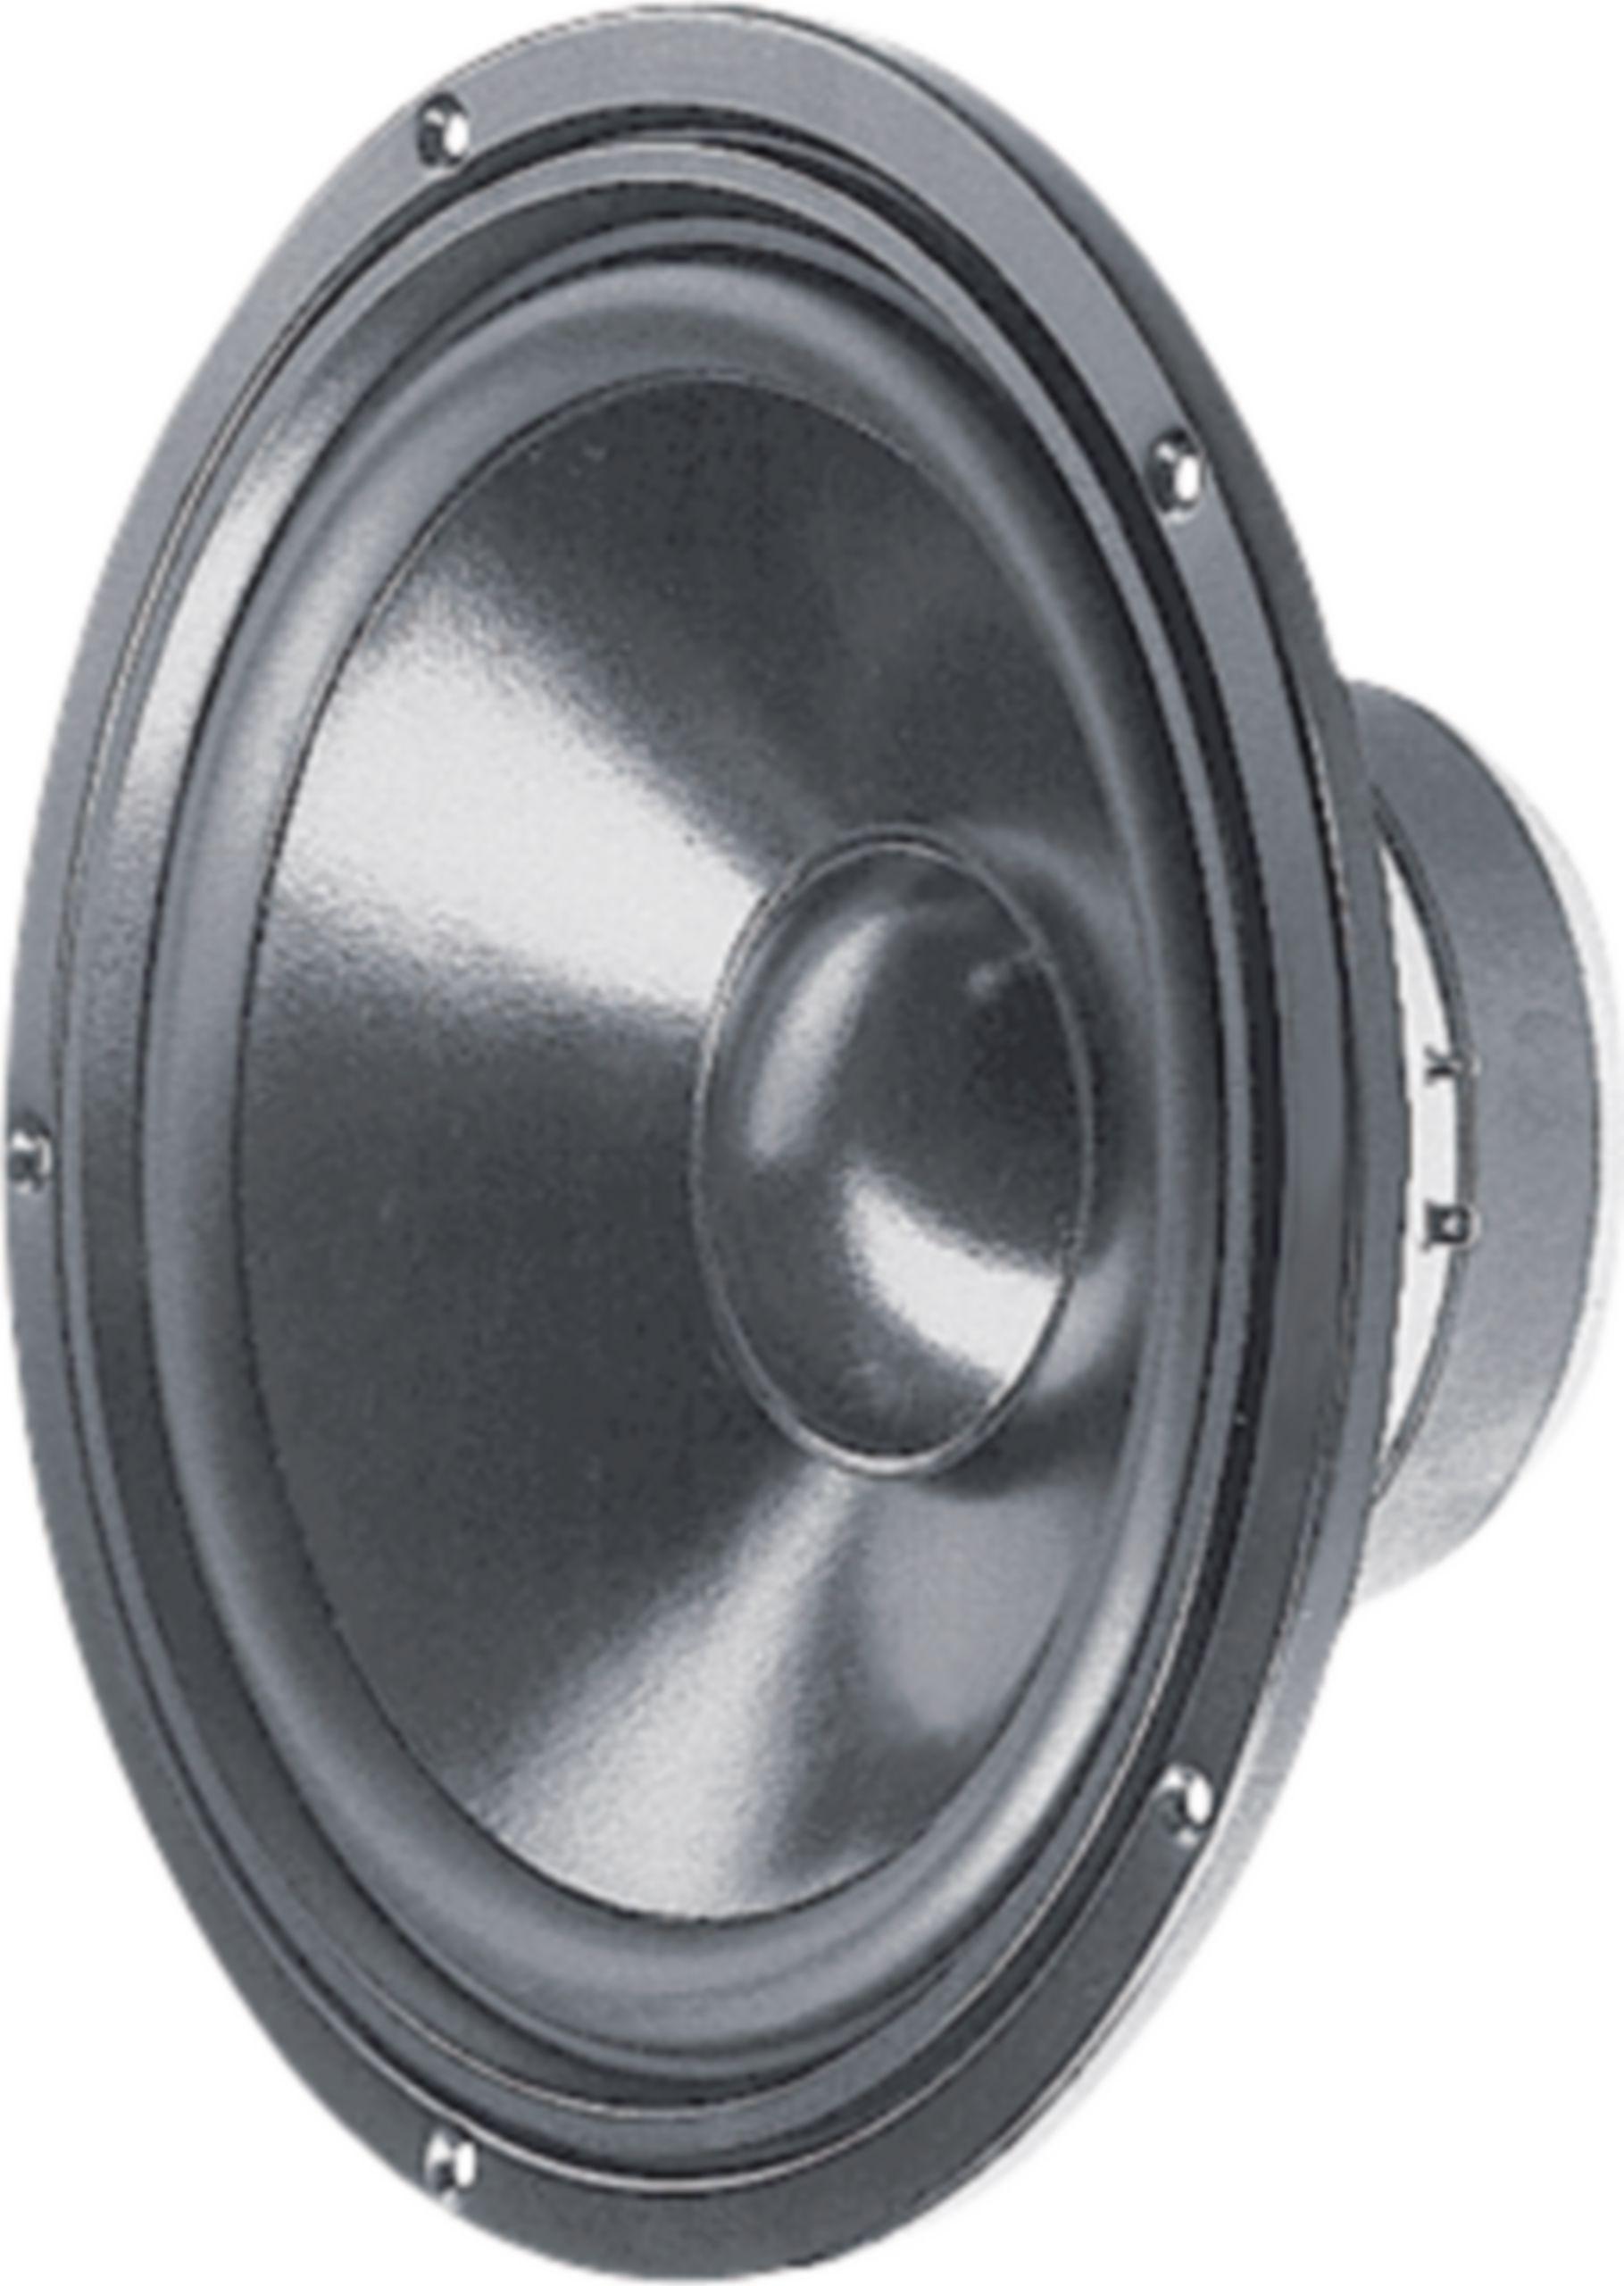 Basový reproduktor 4 Ohm 150 W Visaton, VS-W250S/4